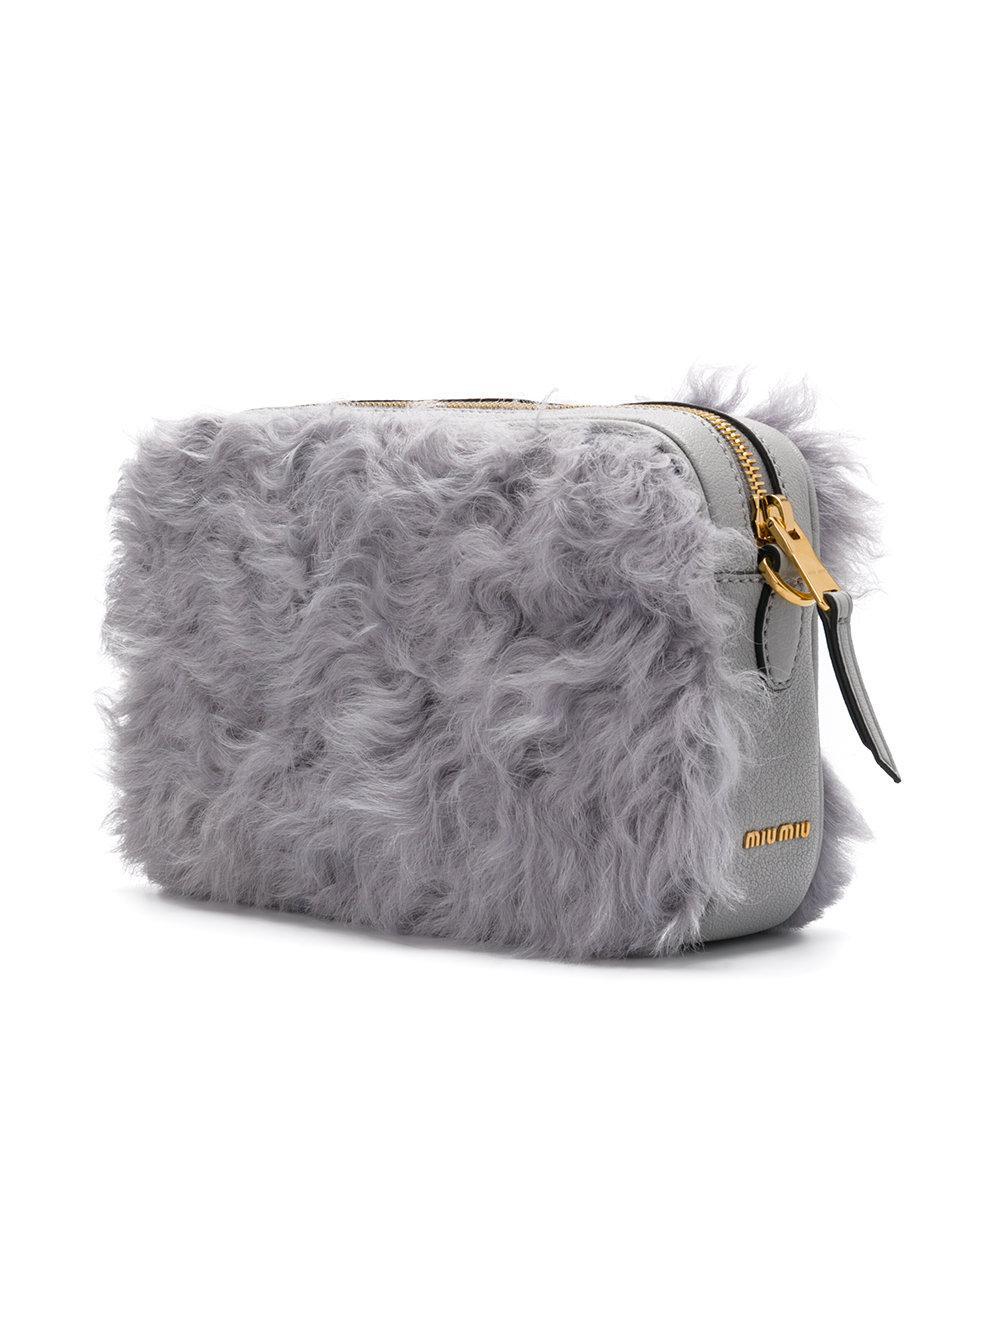 42bc5331f8f Lyst - Miu Miu Top Zip Fluffy Bag in Gray